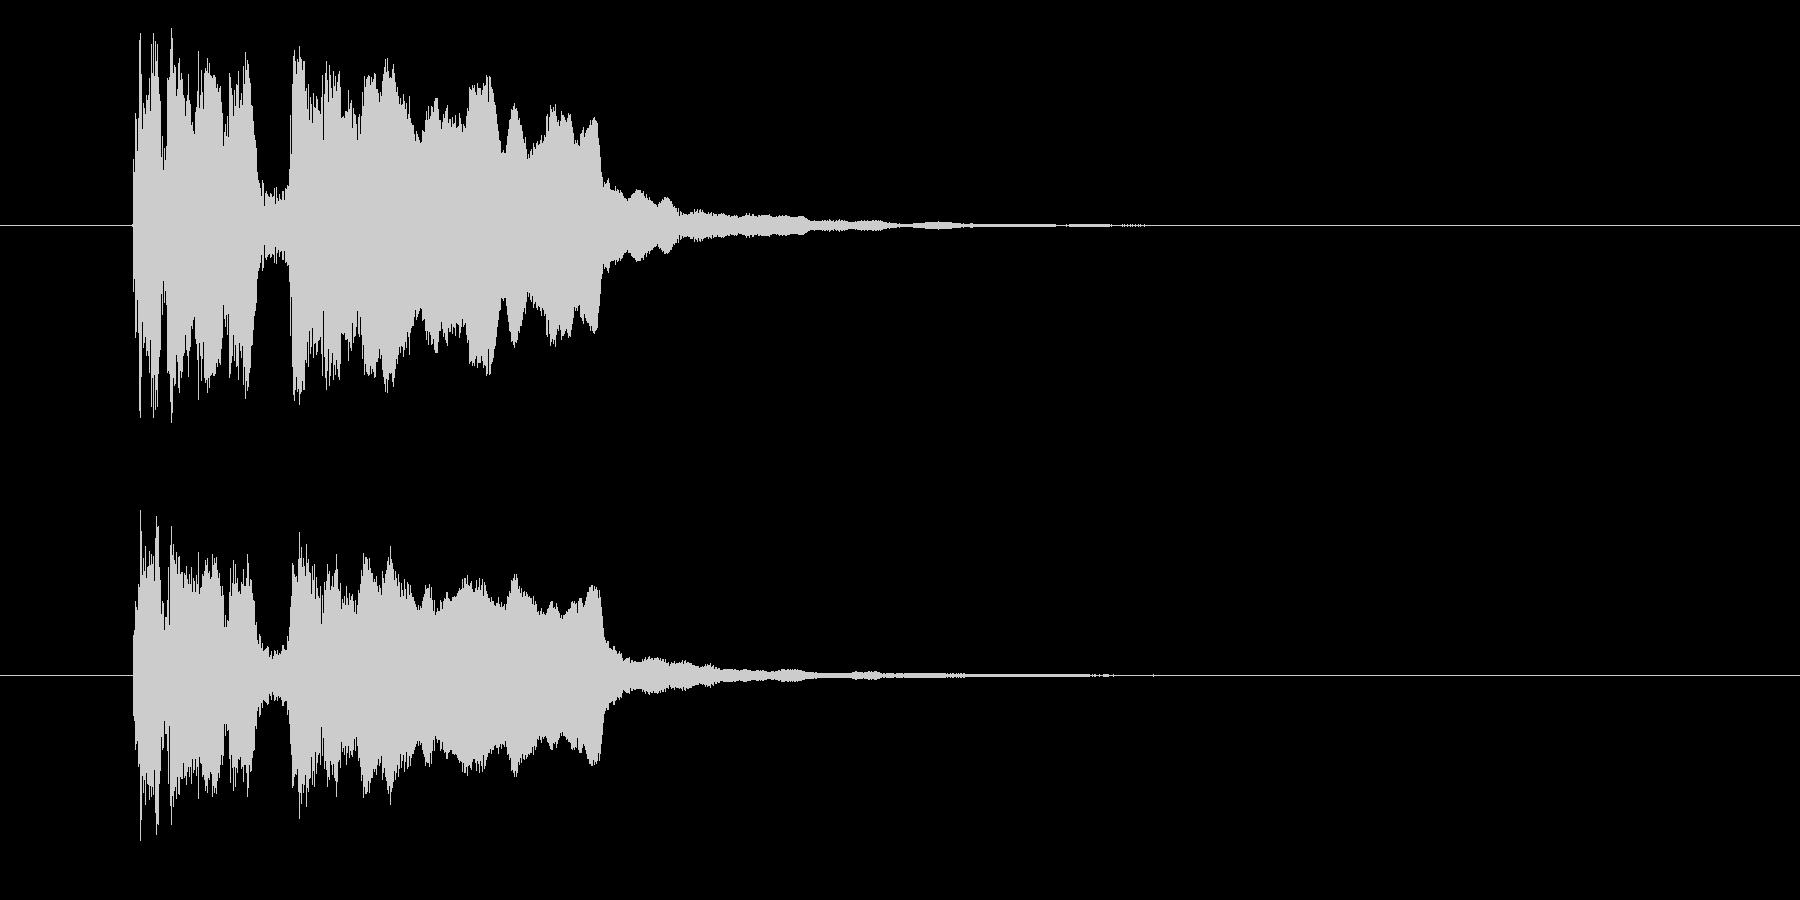 タラララッタラー(登場、発表)の未再生の波形